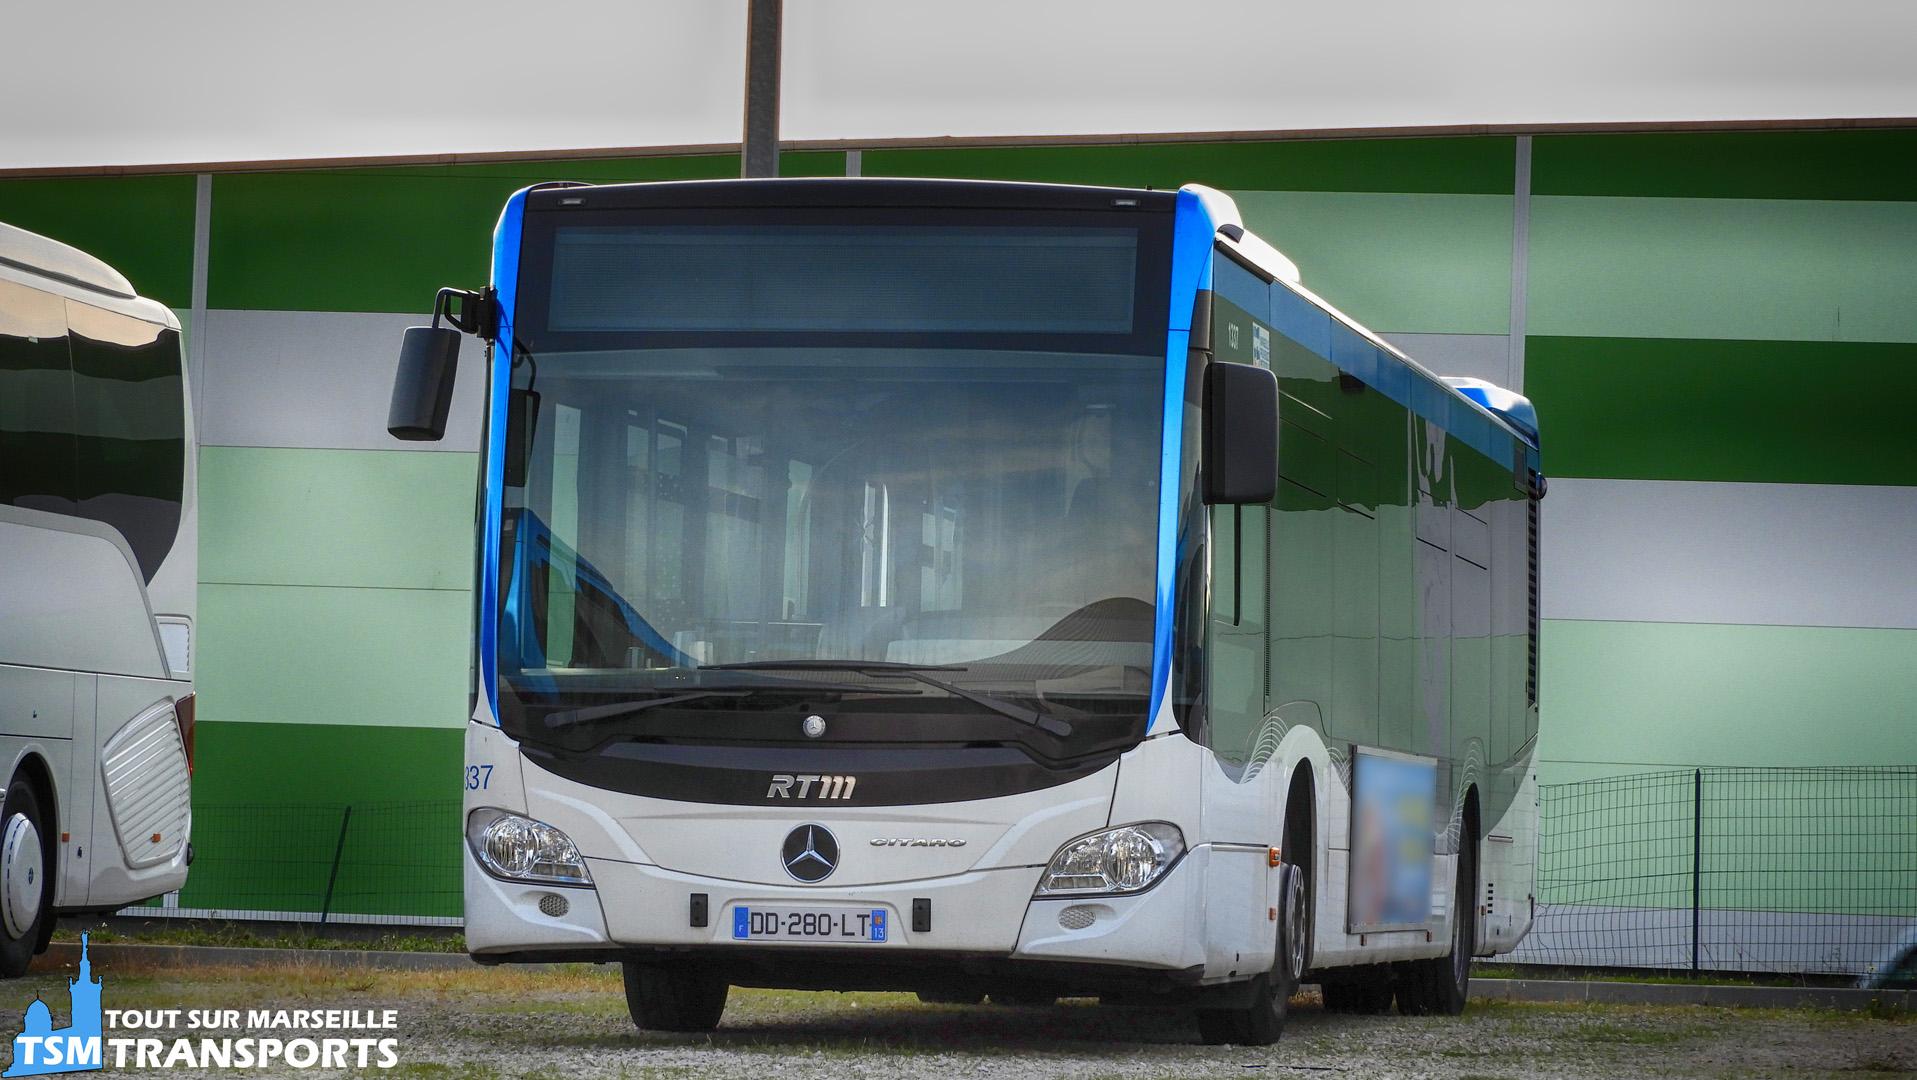 Mercedes Benz Citaro 2 Euro 6 appartenant a la première série de livraison de la RTM n°1337